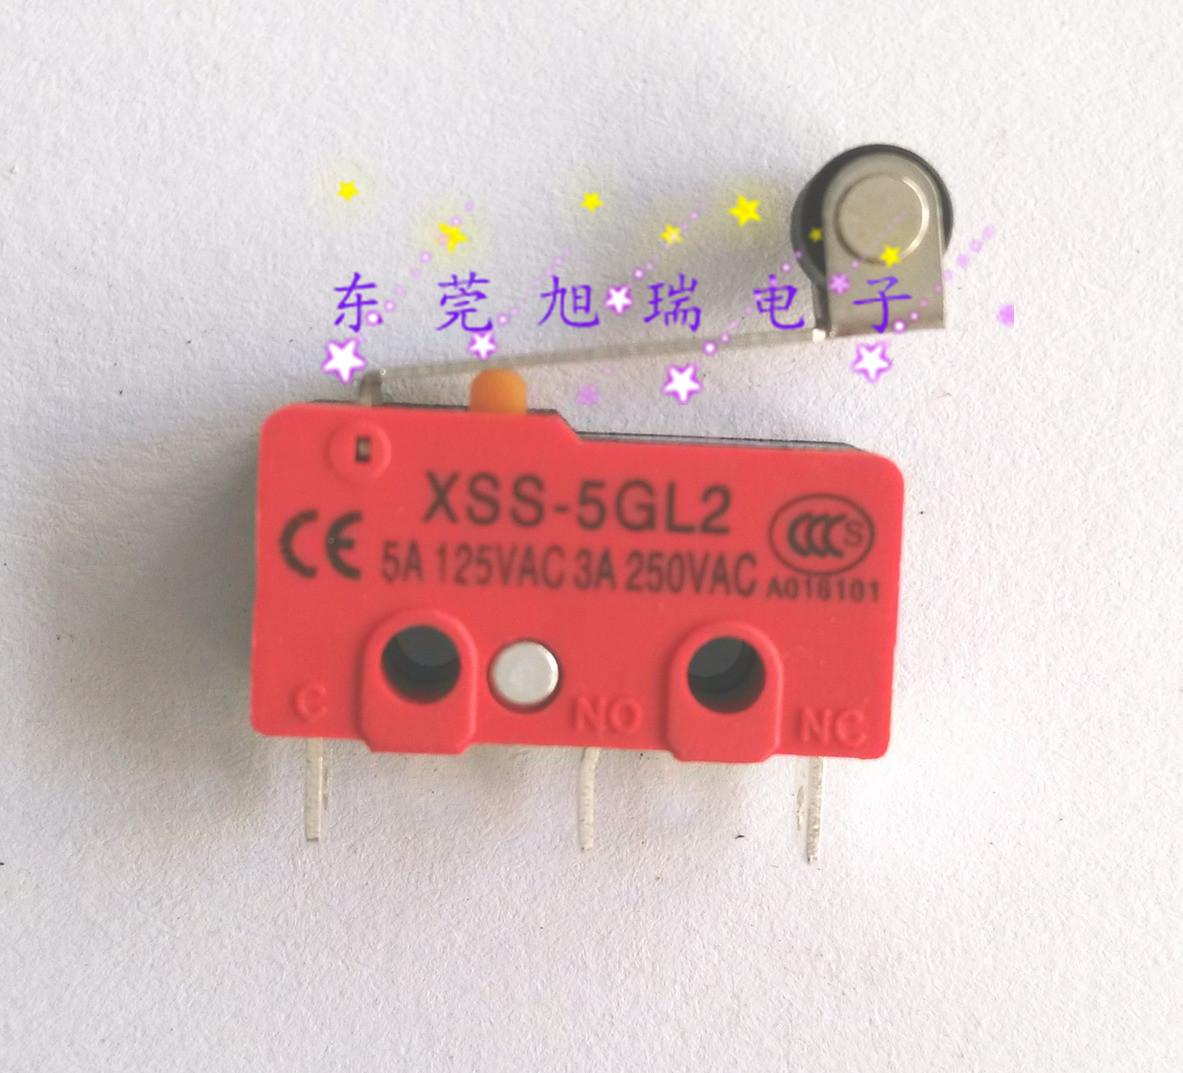 истински [XURUI су руй] микропревключвателя XSS-5GL2 сребърна контакт.